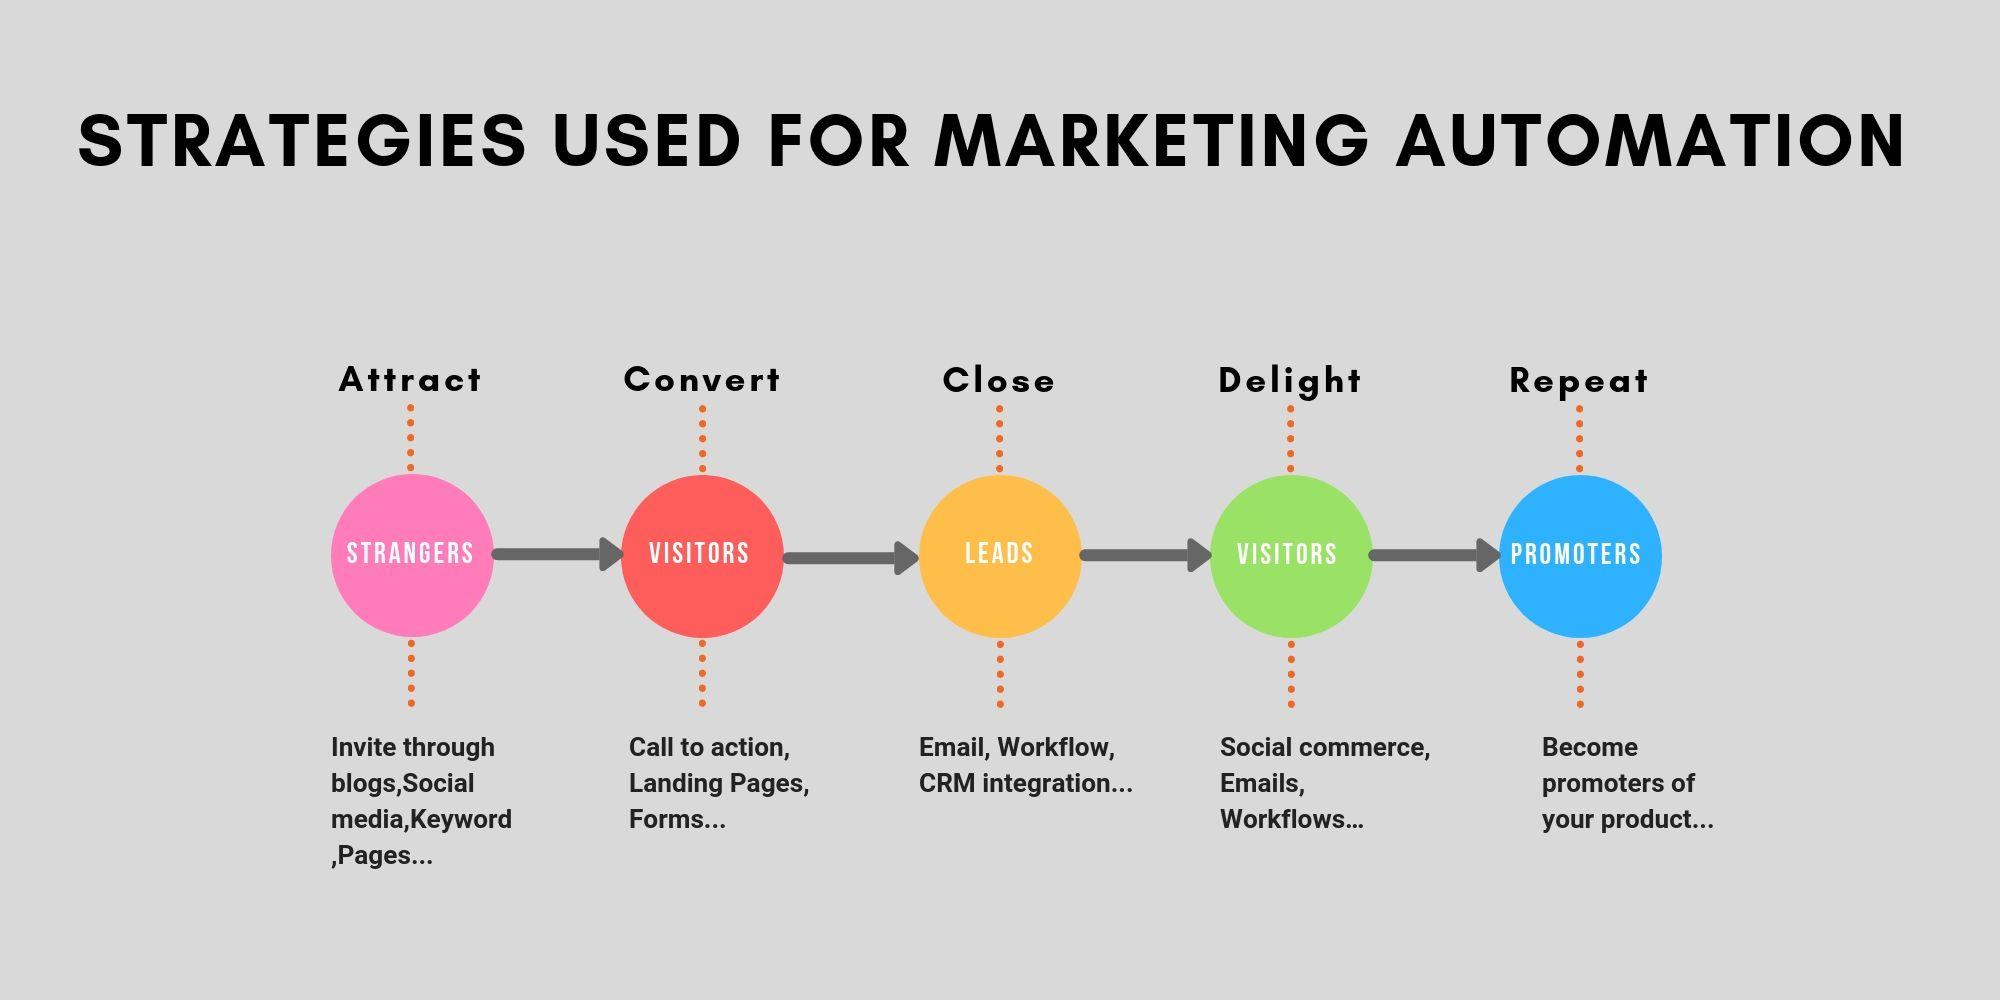 Mautic WooCommerce Integration   Marketing Automation   Marketing